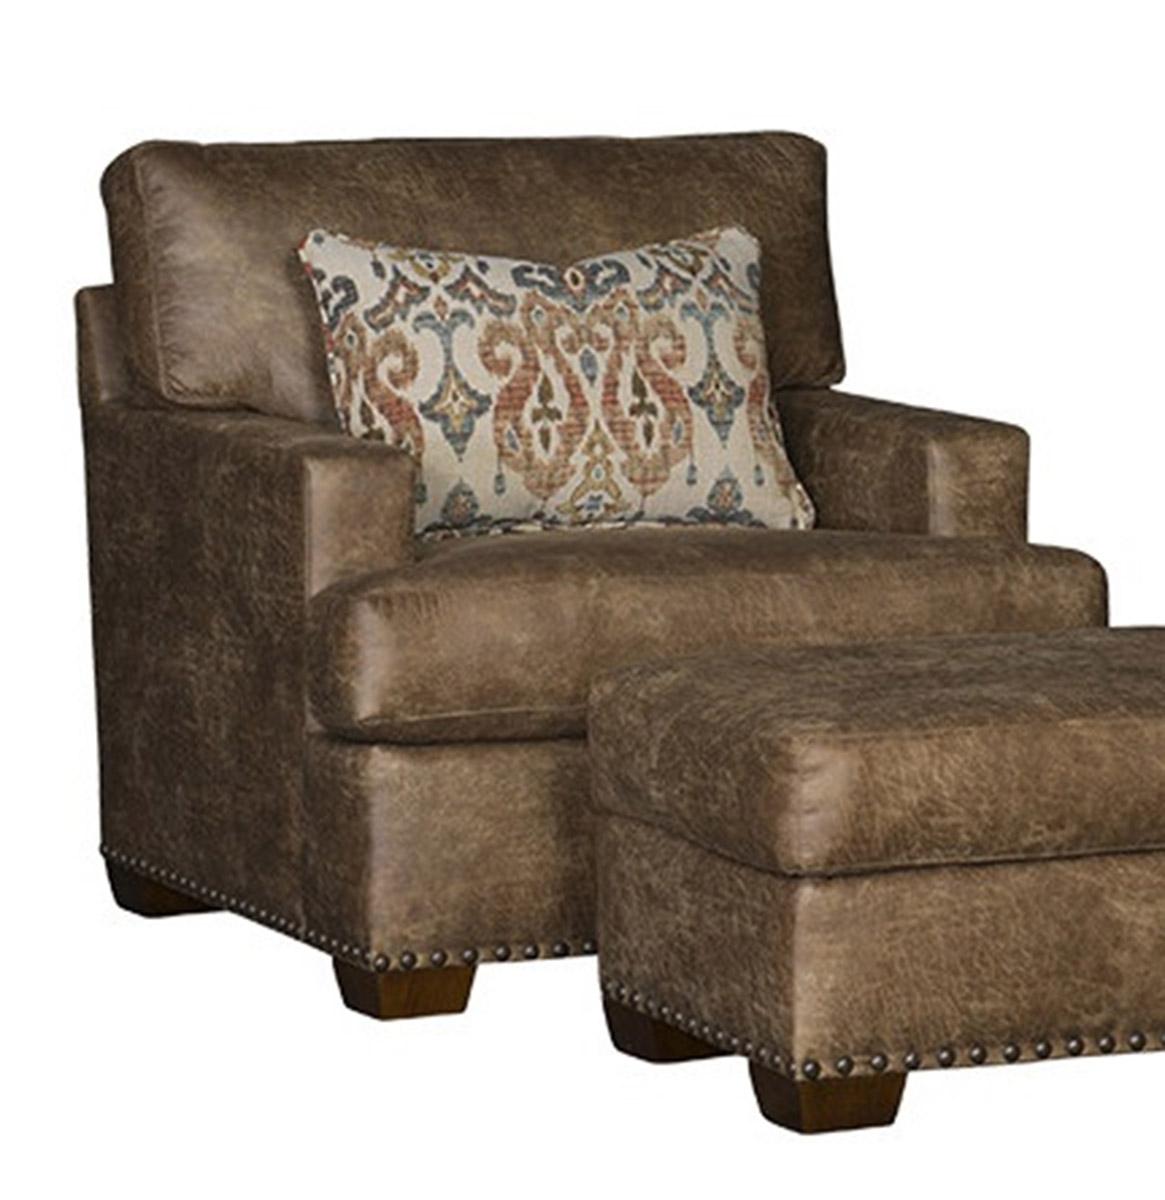 Chelsea Home Taunton Chair - Brown